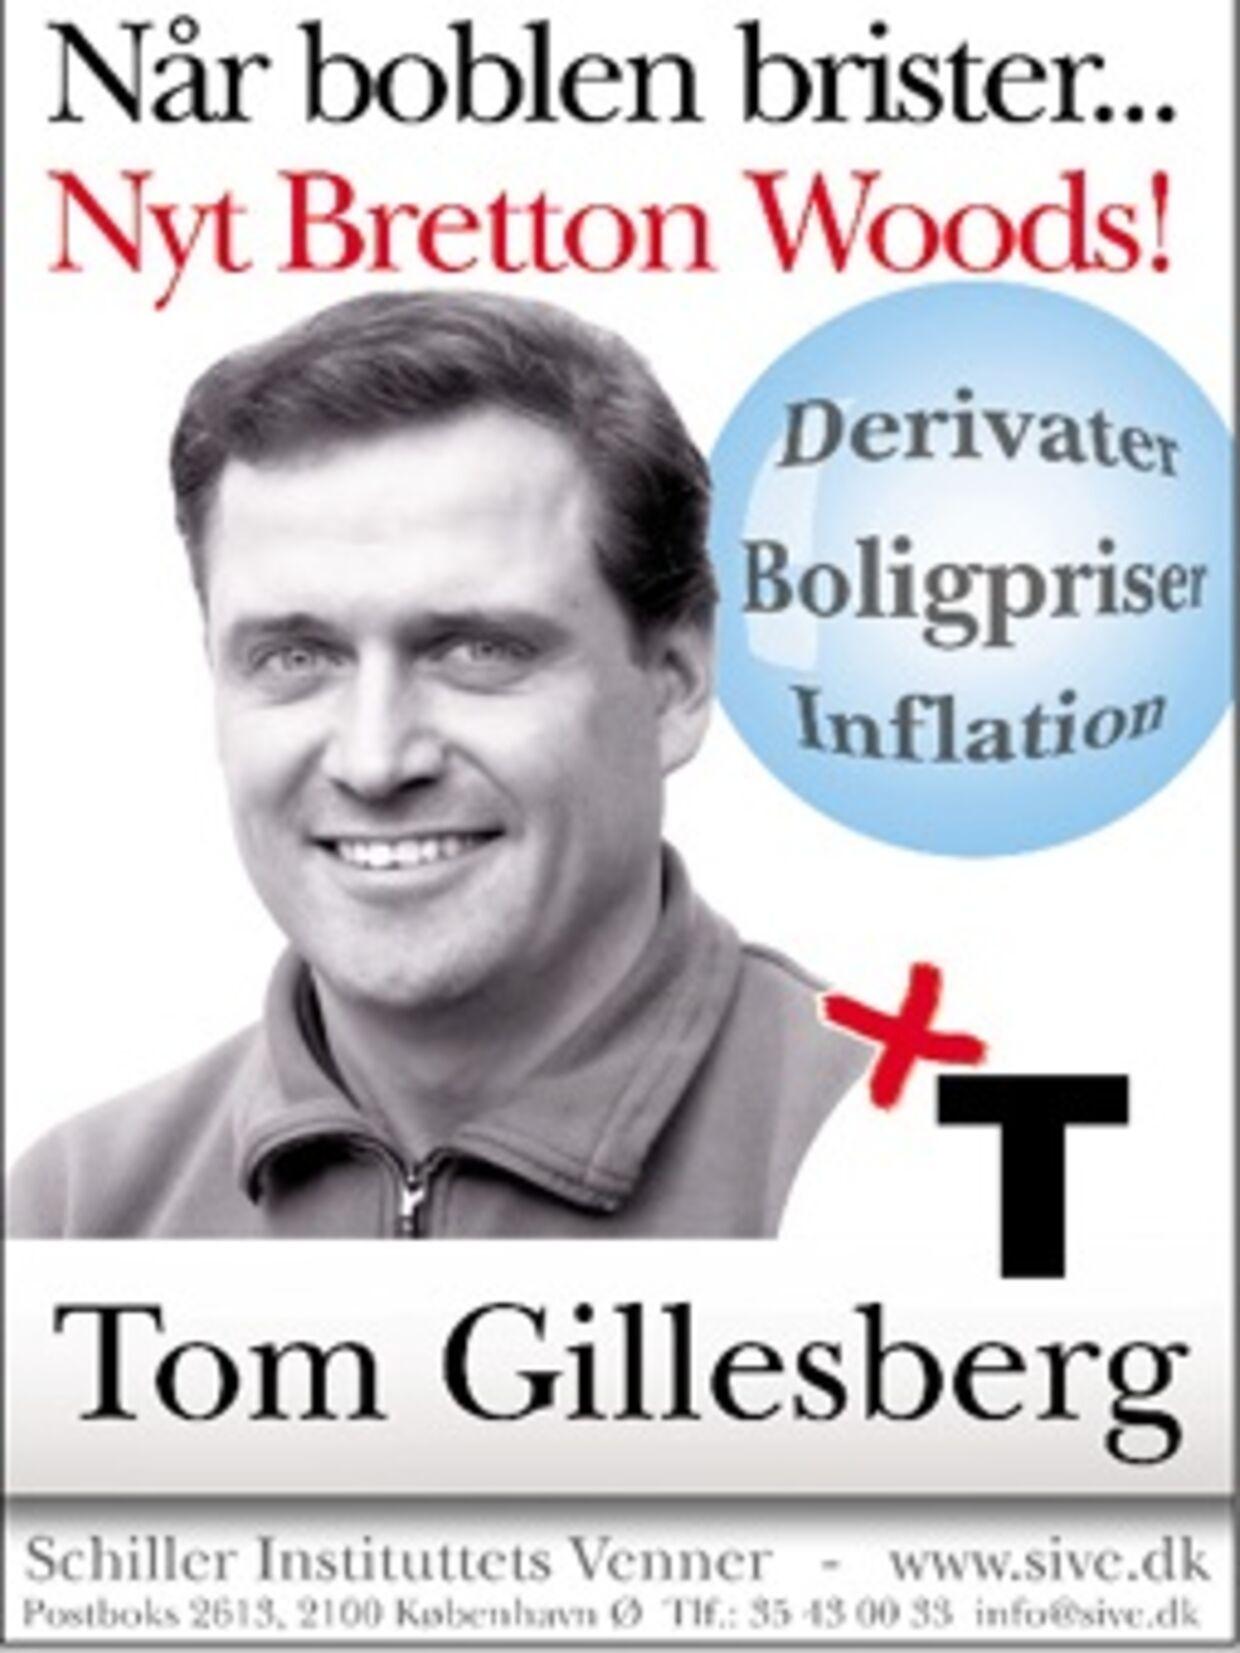 Tom Gillesberg-plakat 2005.